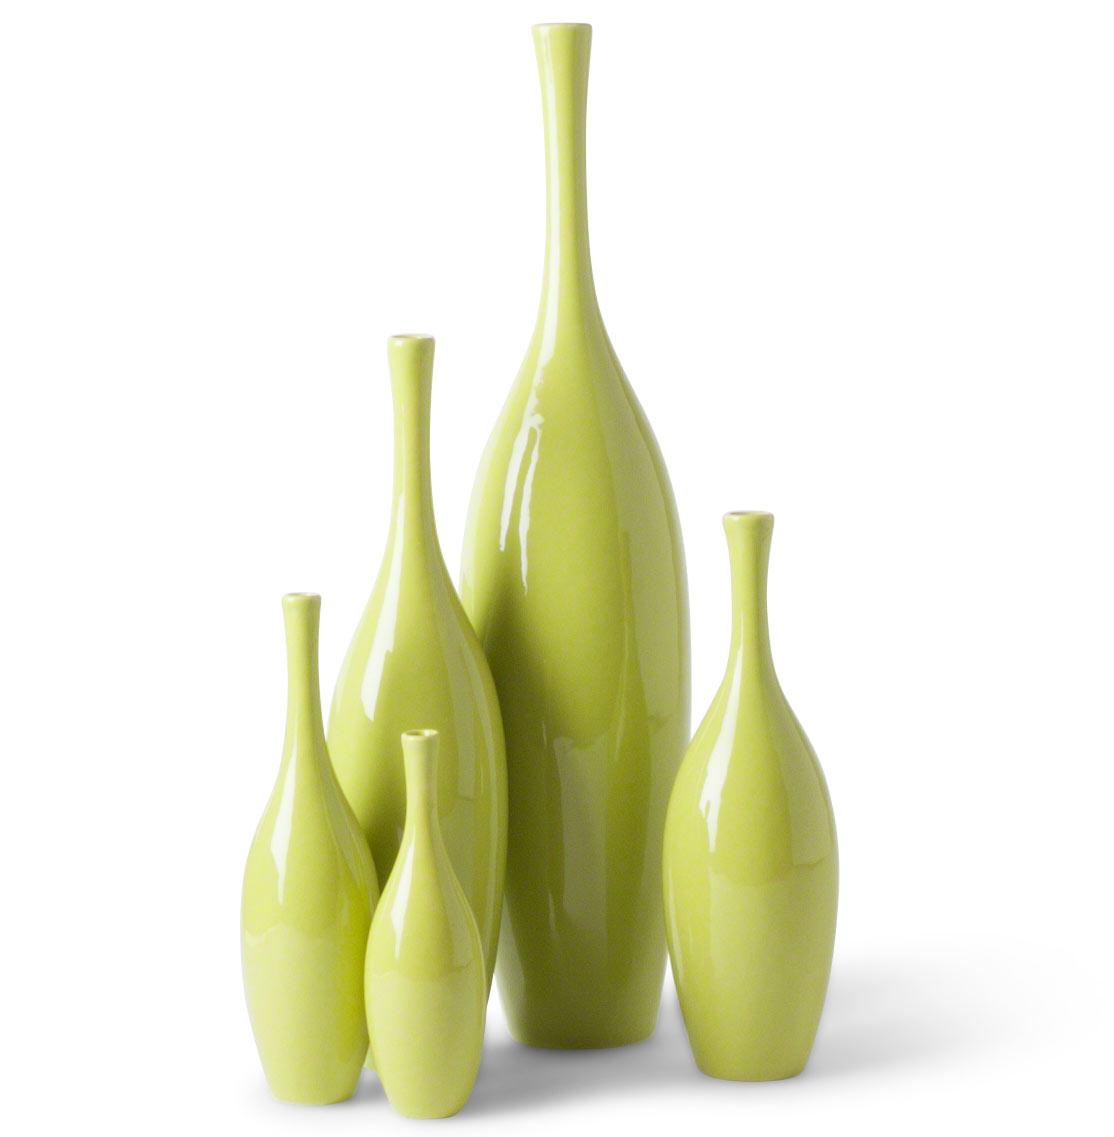 Bliss Modern Tulip Key Lime Ceramic Vases - Set of 5